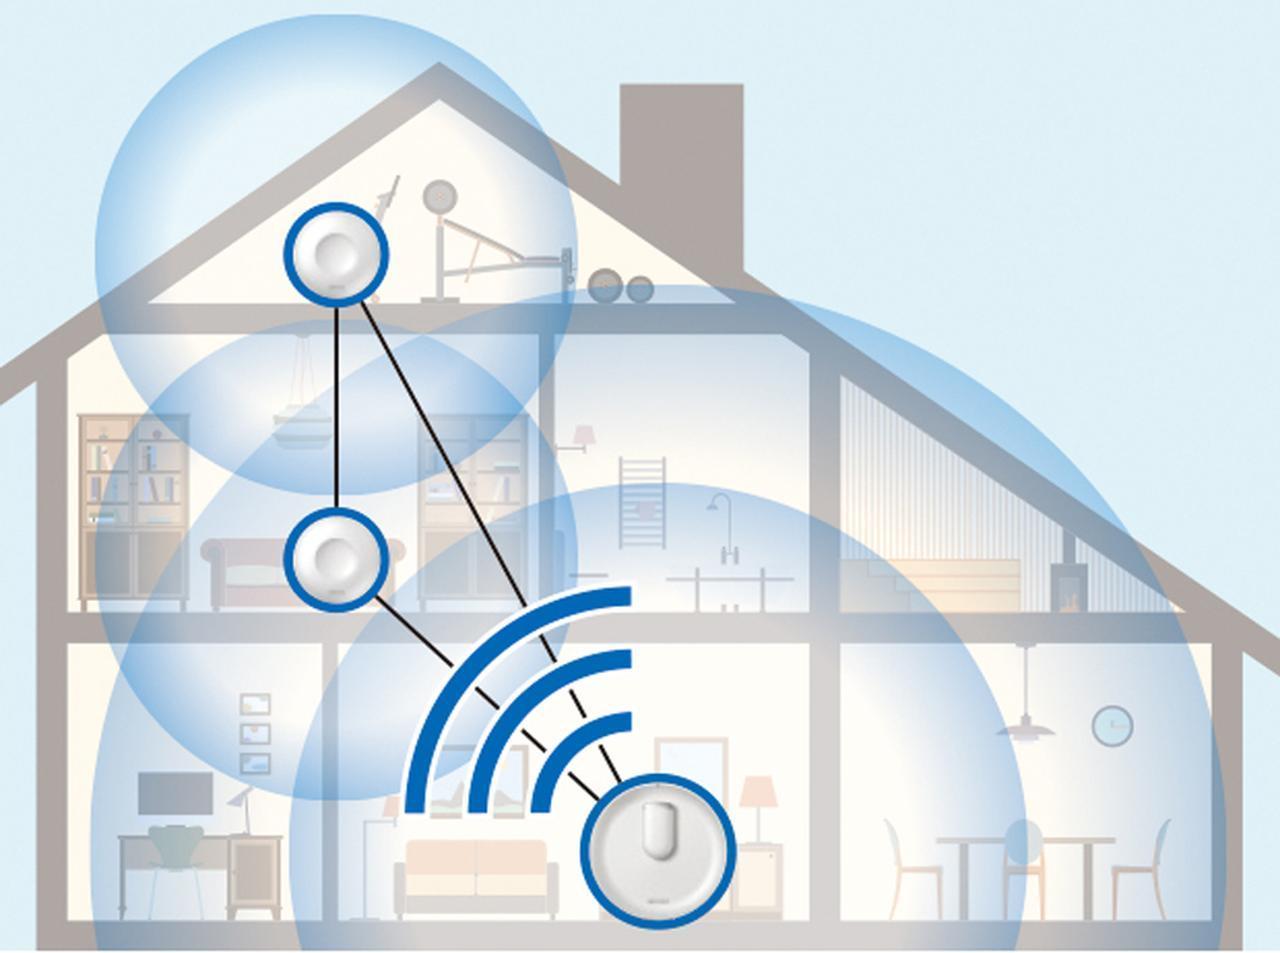 画像: 親機と中継機が相互に連係し、家庭内の電波の混雑具合を判定。最適な経路とバンドで家庭内の隅々まで高速通信を実現するのが、メッシュネットワークだ。